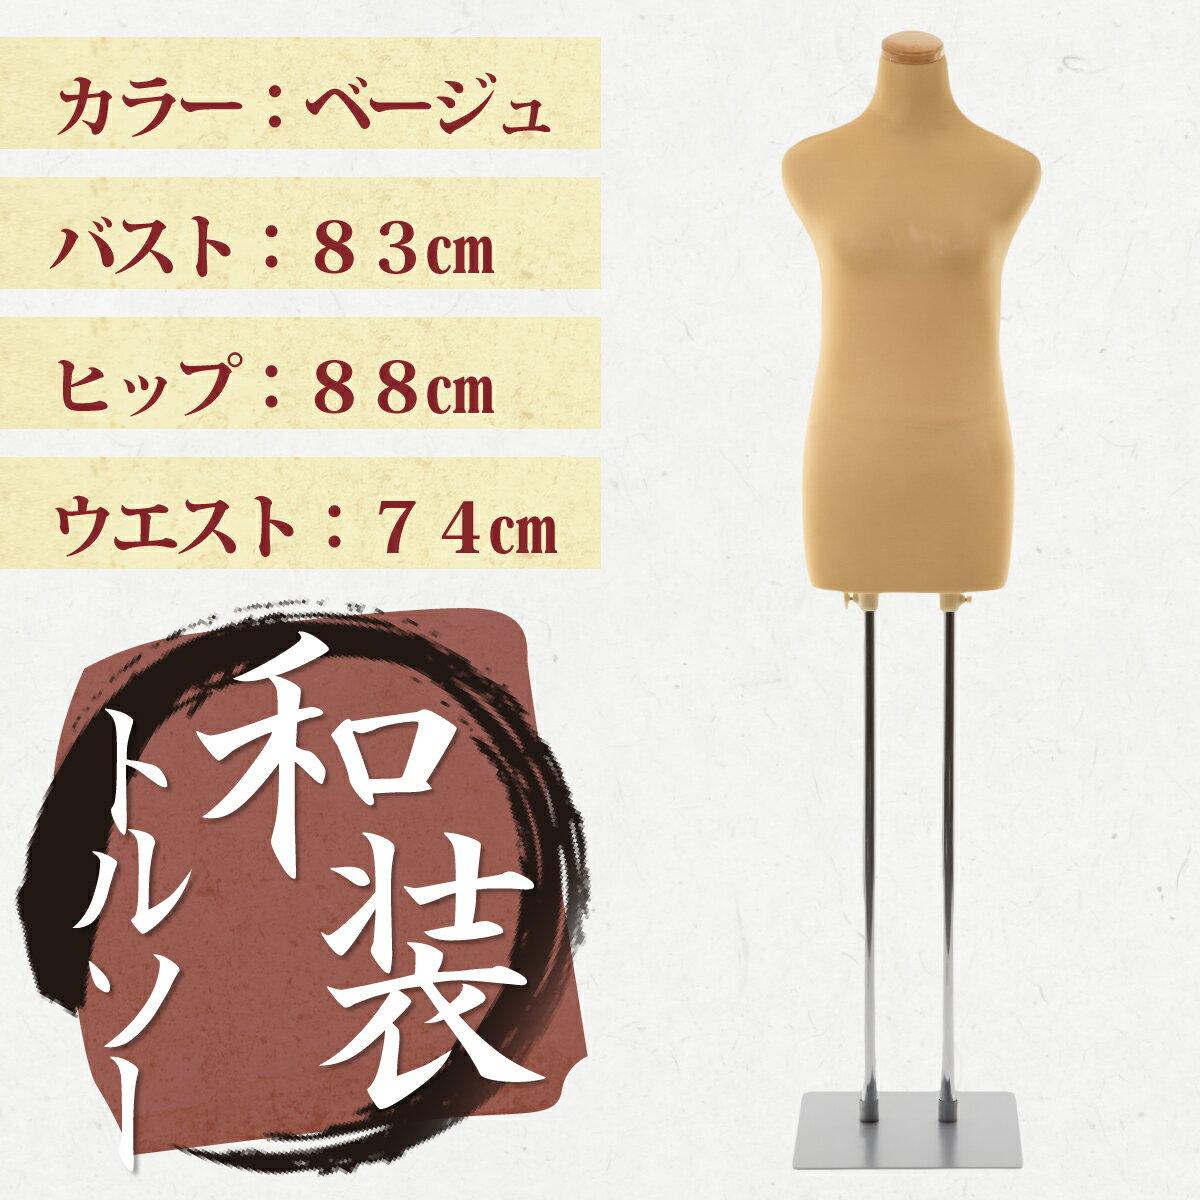 【選べる2色】和装用トルソー/マネキン/着物の紹介画像2